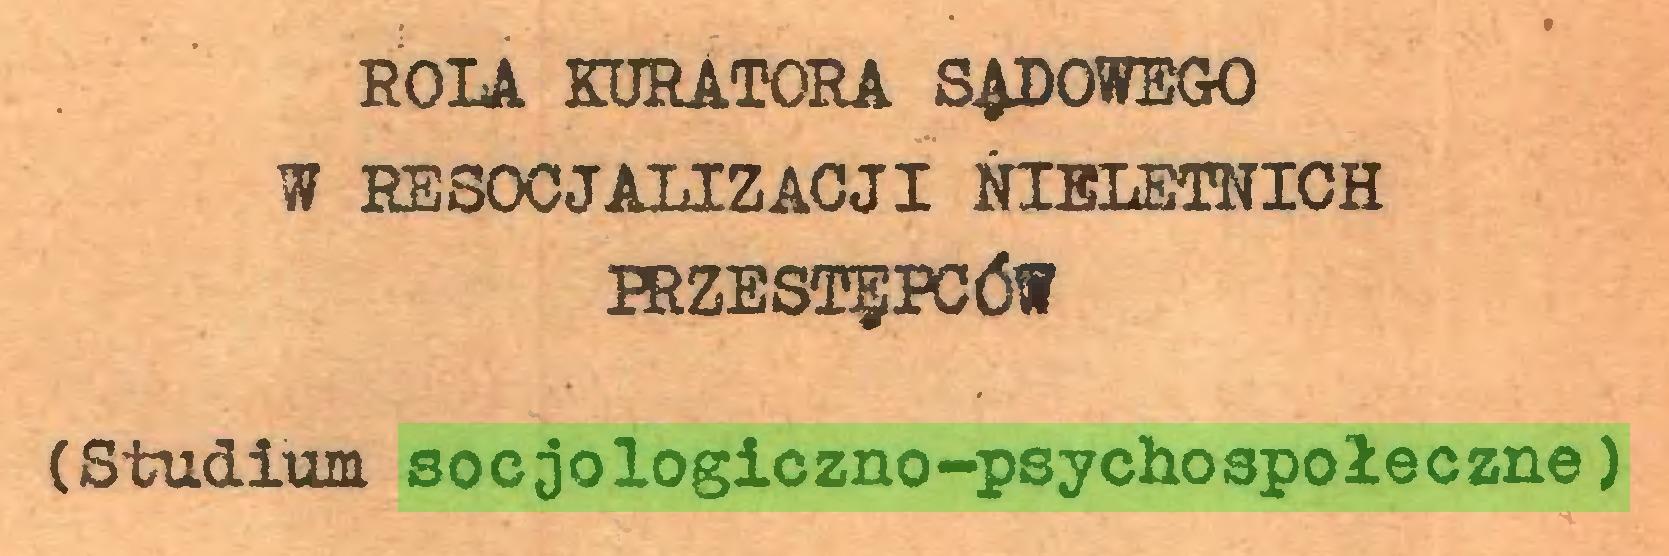 (...) ROLA KURATORA SADOWEGO W RESOCJALIZACJI NIELETNICH PRZESTĘPCÓW (Studium socjologiczno-psychospołeczne)...